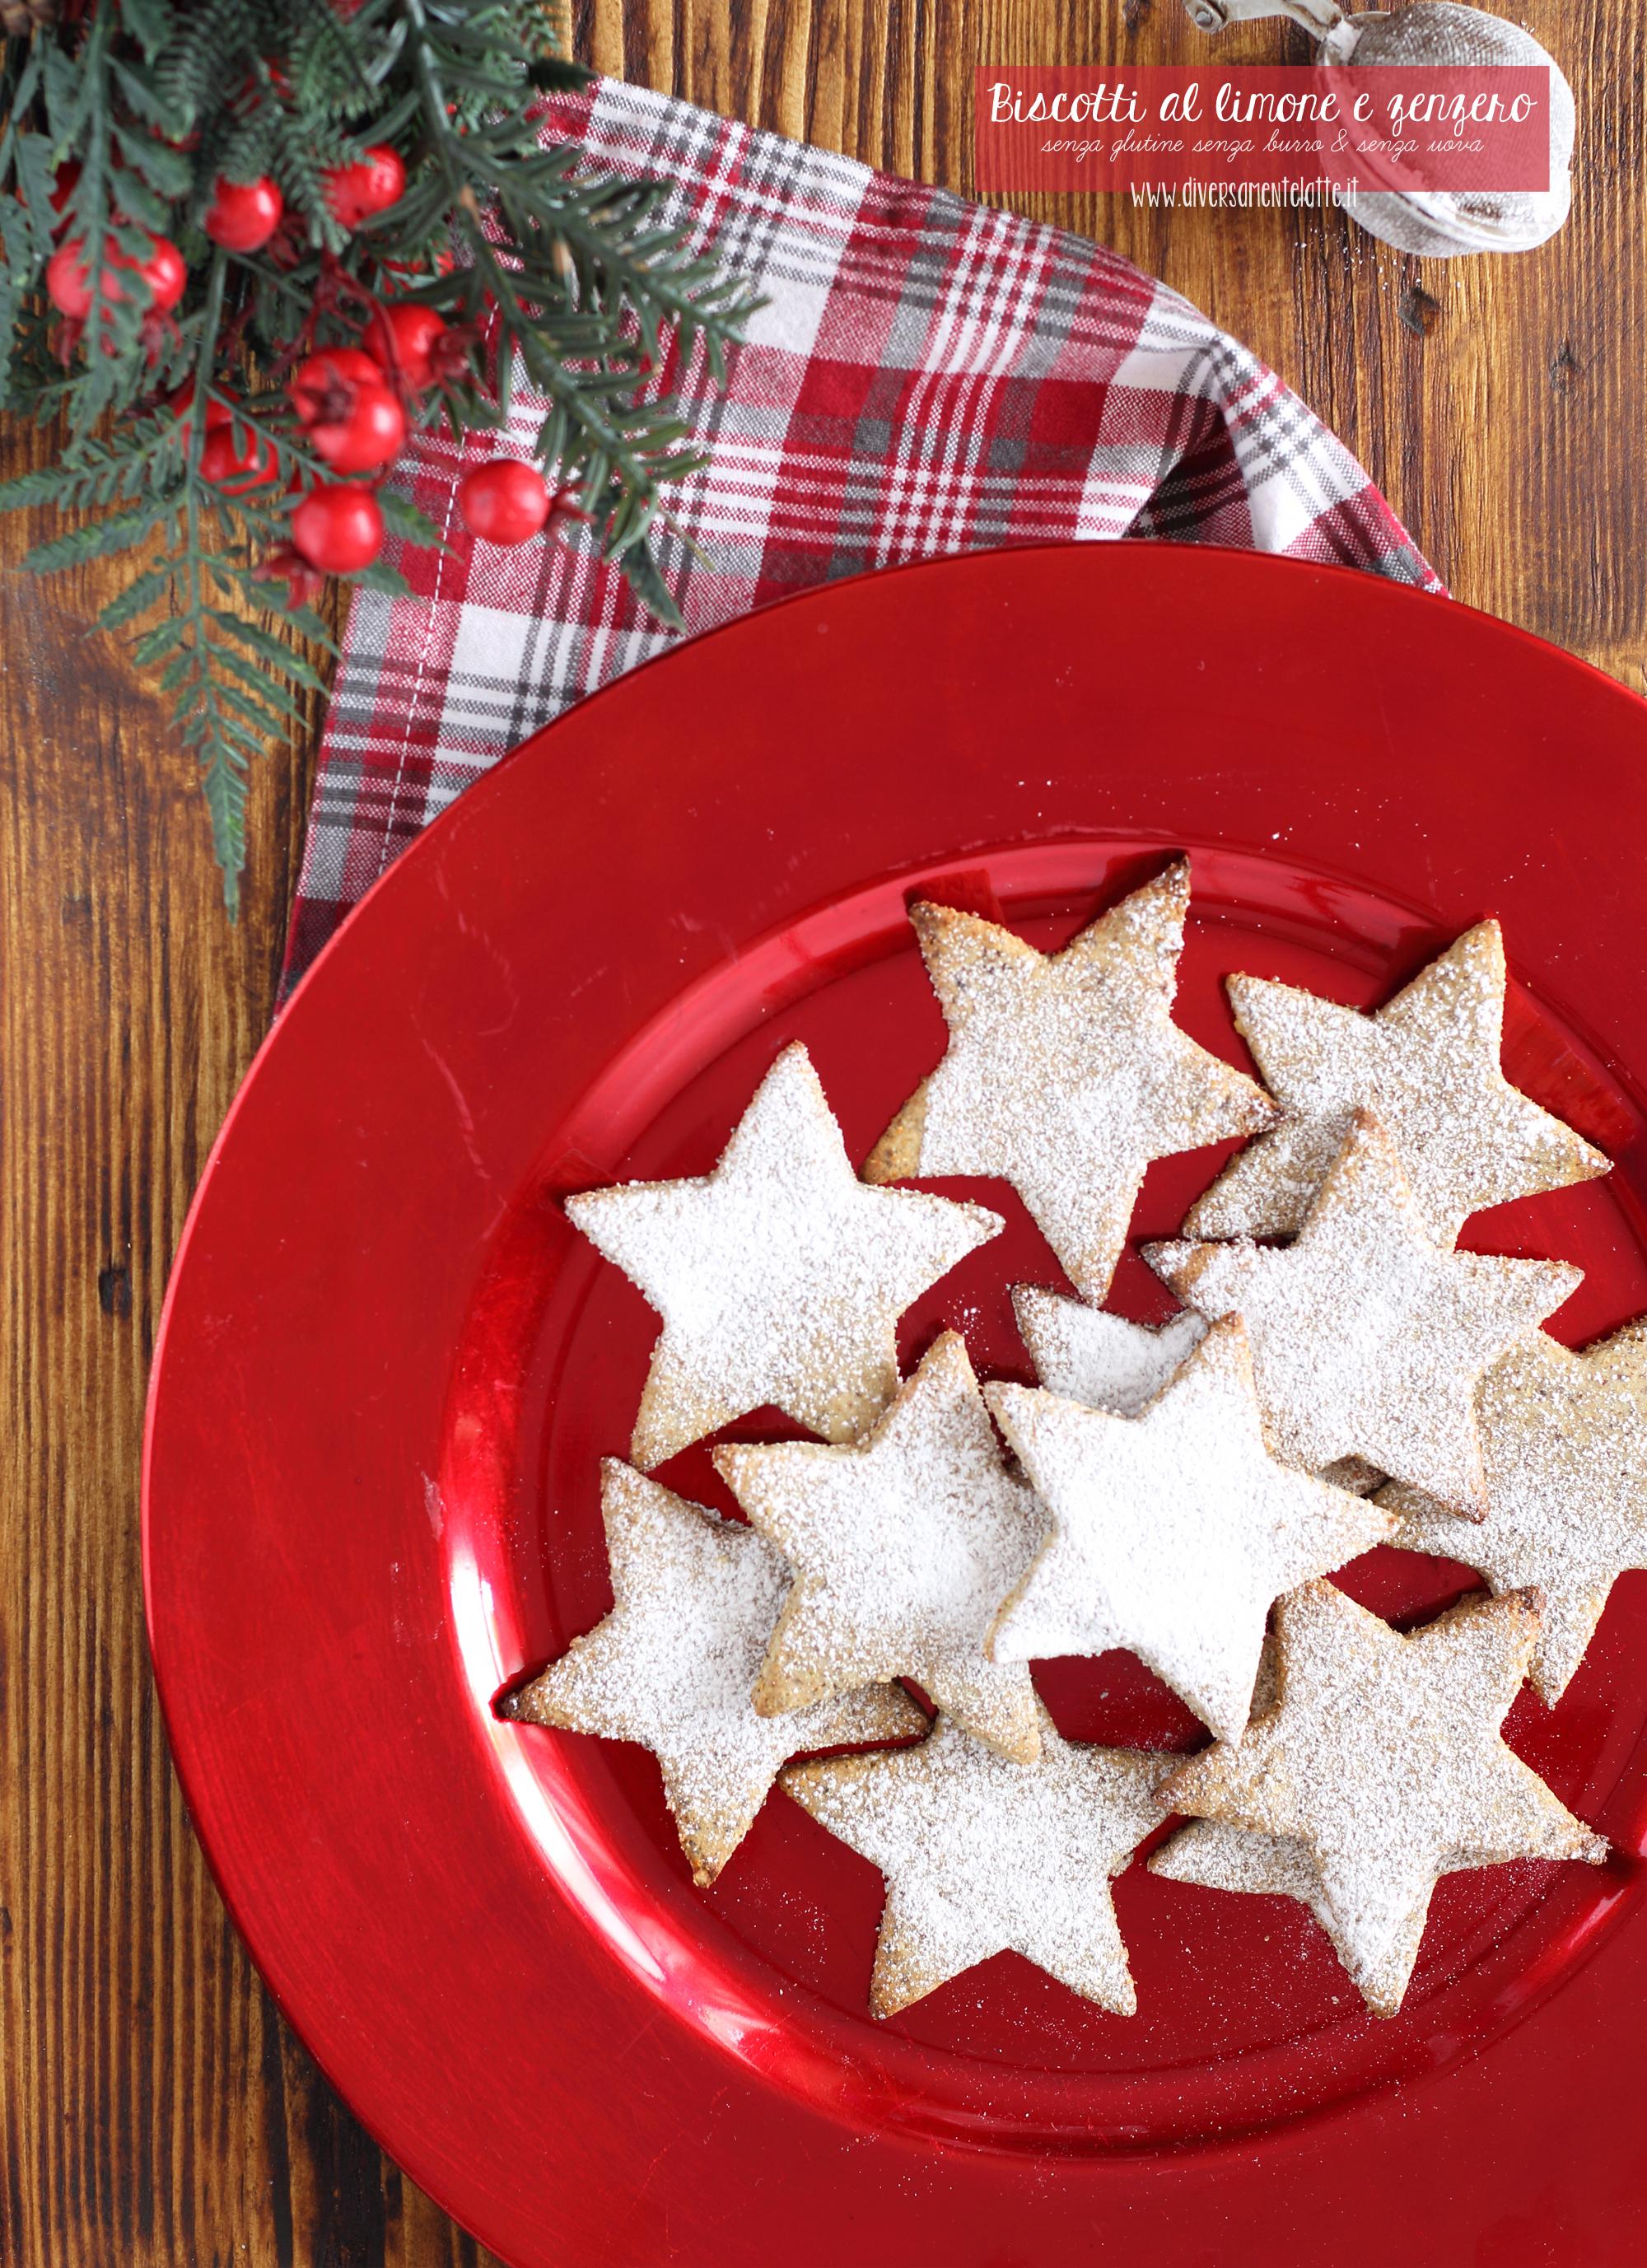 biscotti limone e zenzero senza glutine e burro